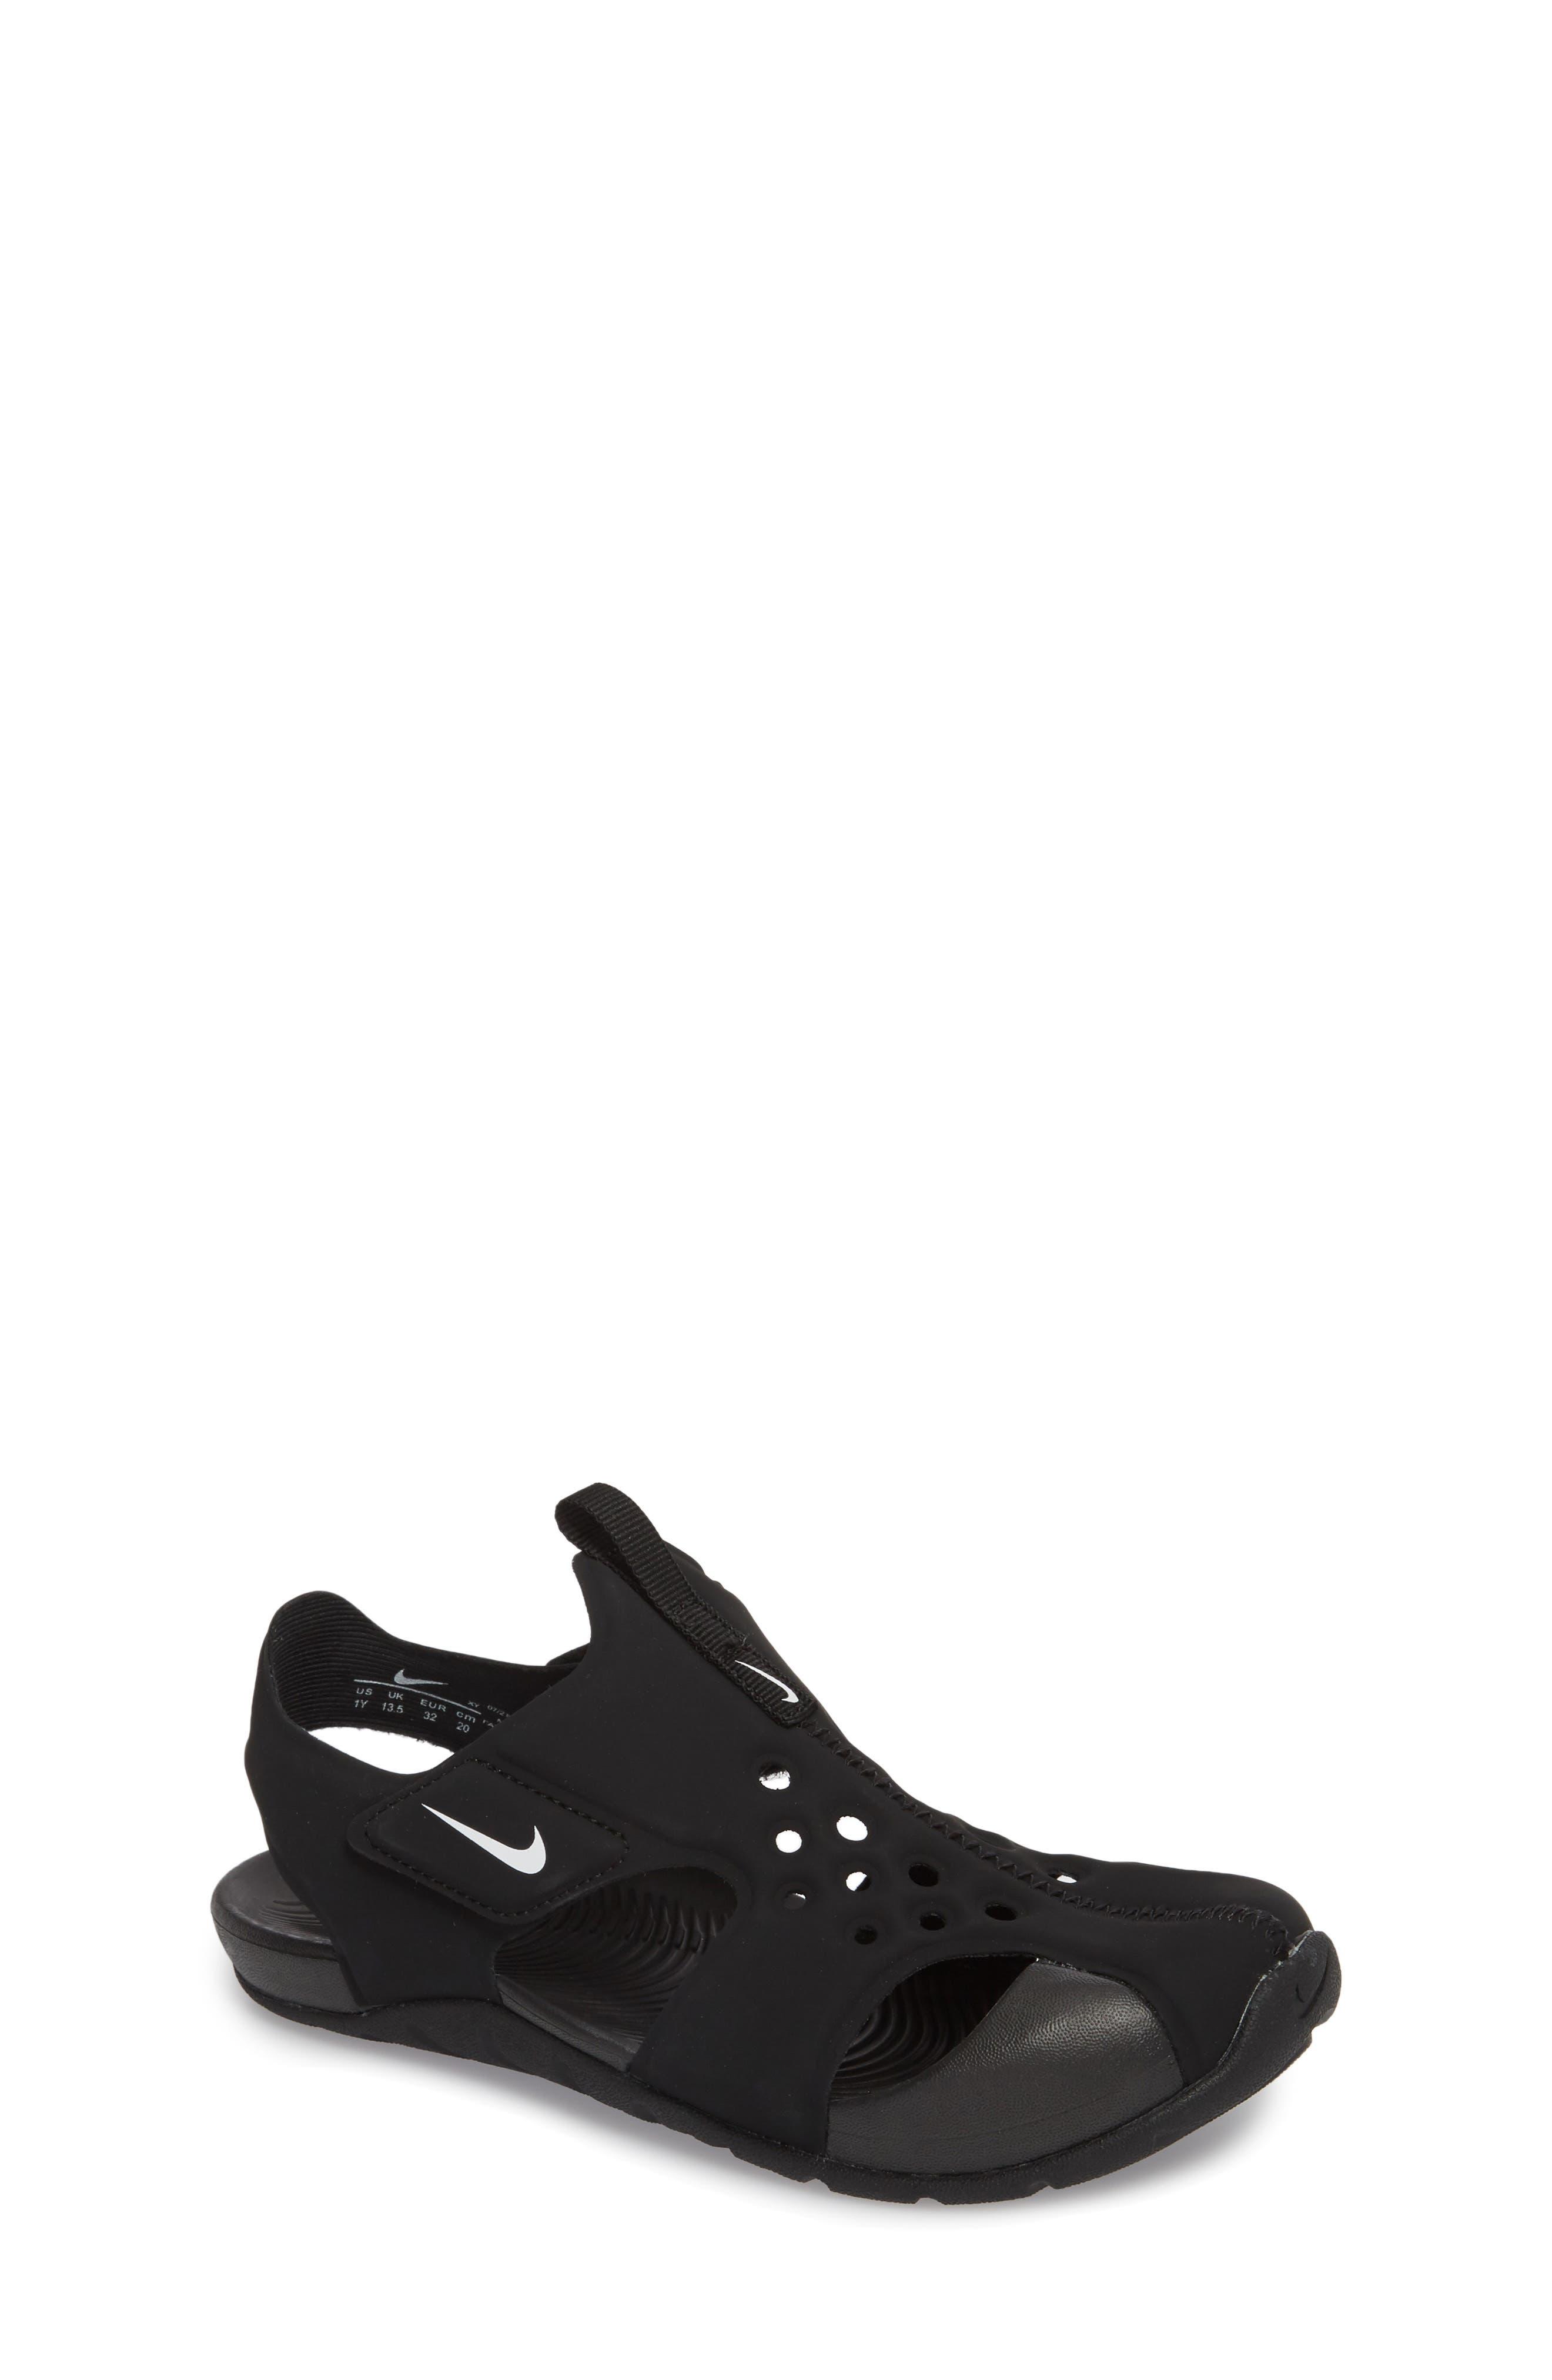 Alternate Image 1 Selected - Nike Sunray Protect 2 Sandal (Baby, Walker, Toddler & Little Kid)